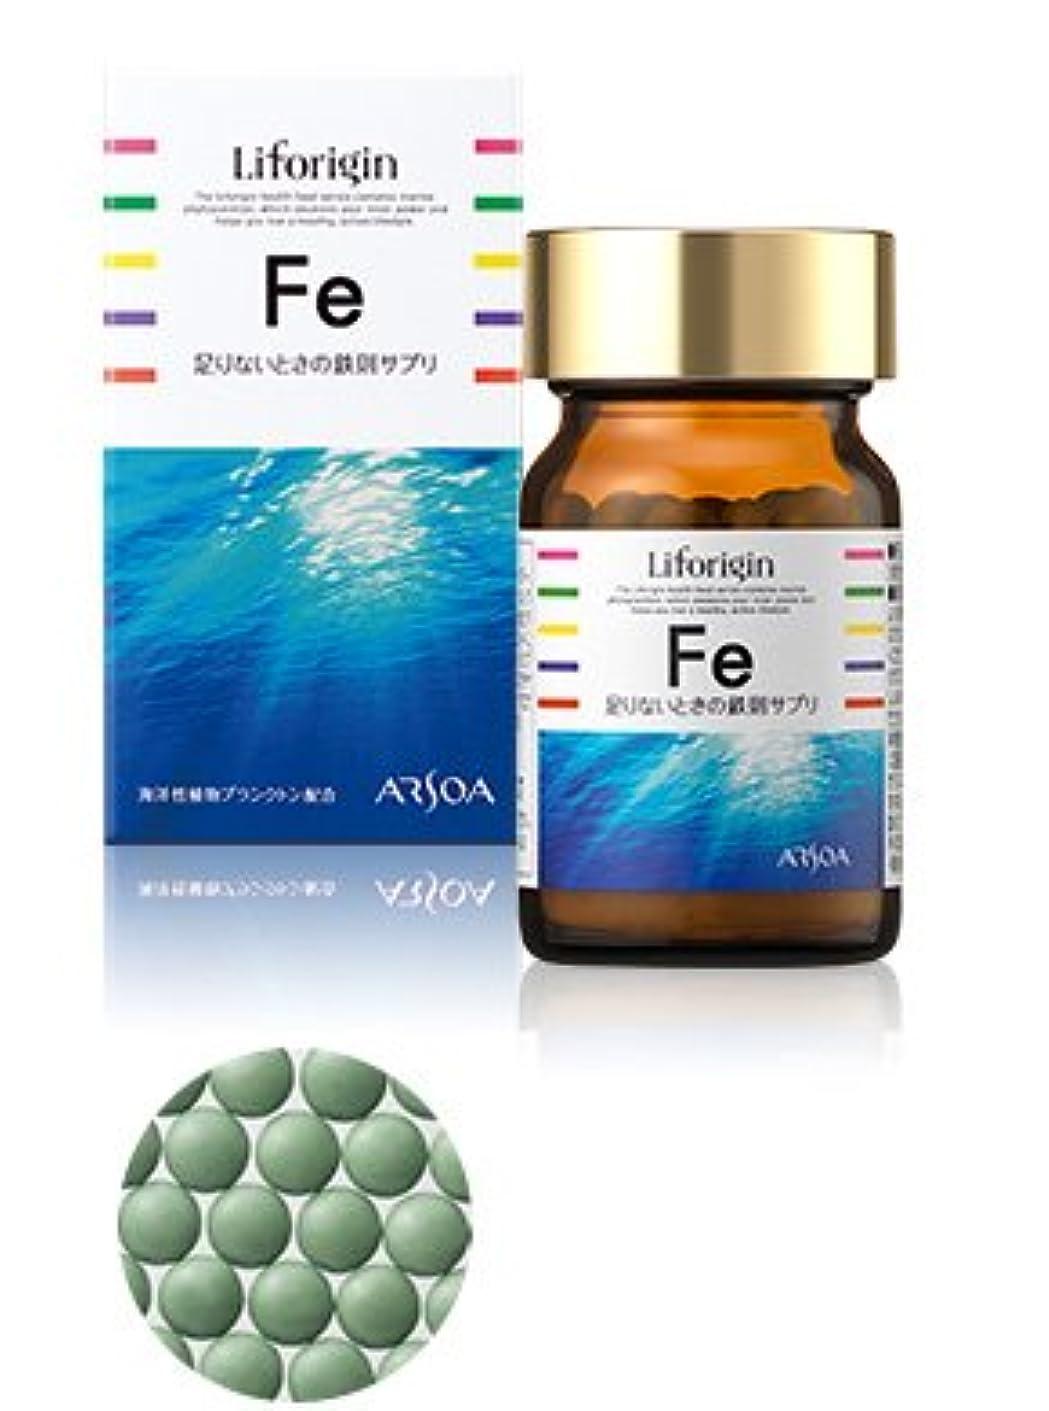 航空知恵円周ARSOA(アルソア) ライフォリジン Fe 22.5g(250mg×90粒) [並行輸入品]